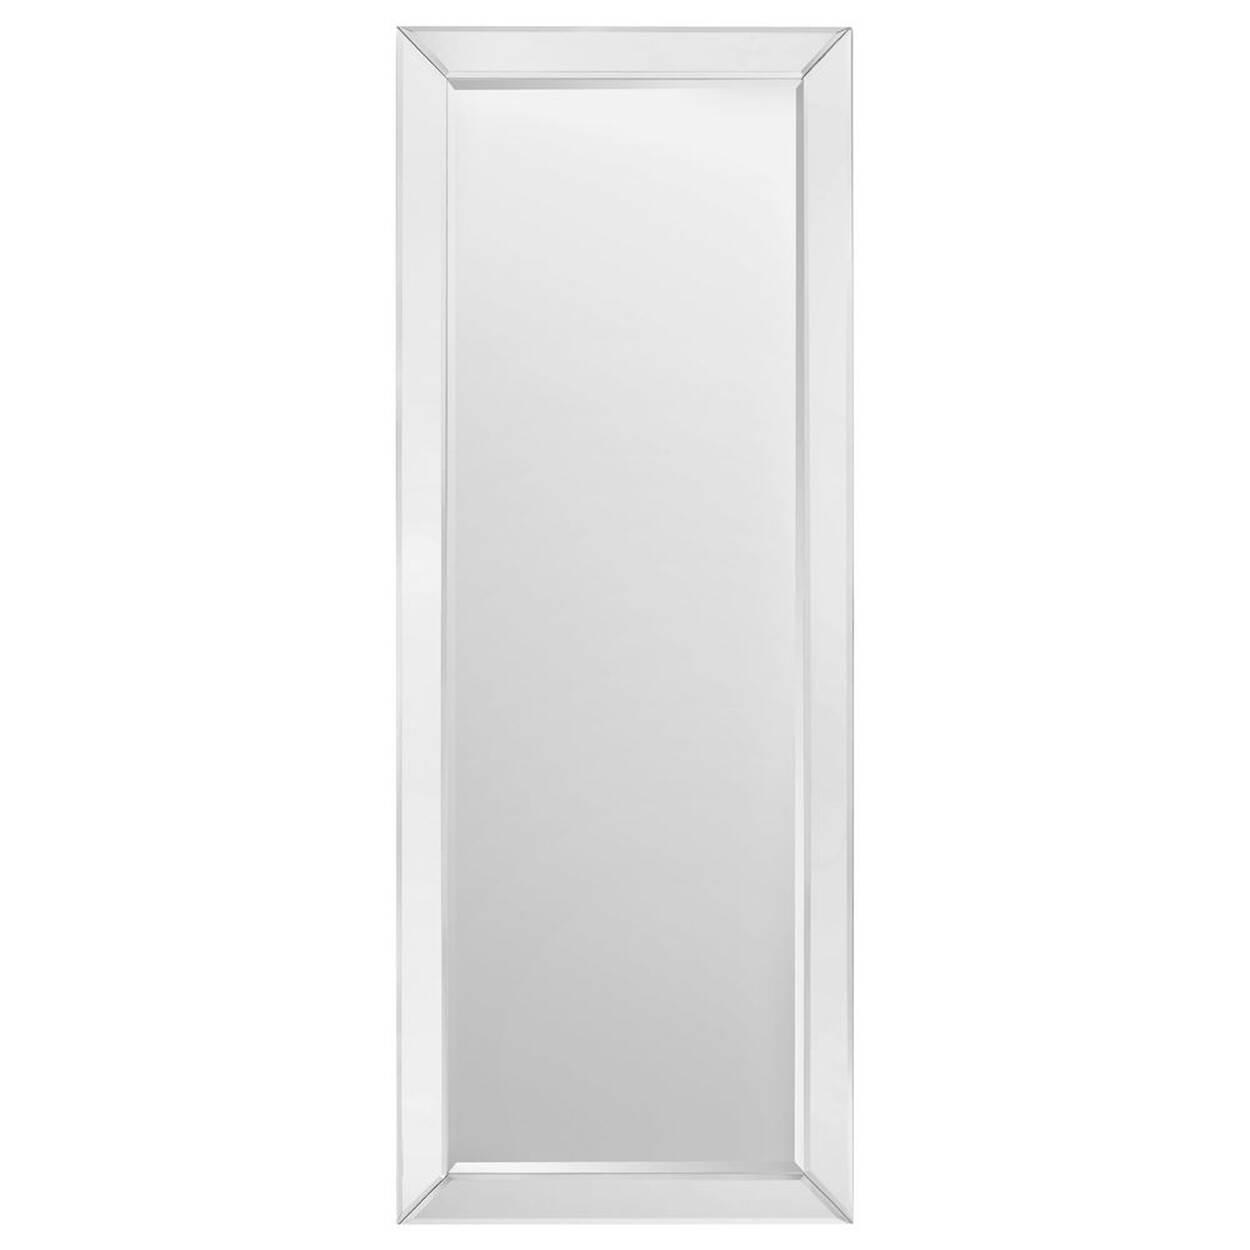 Miroir avec cadre miroir for Miroir bouclair